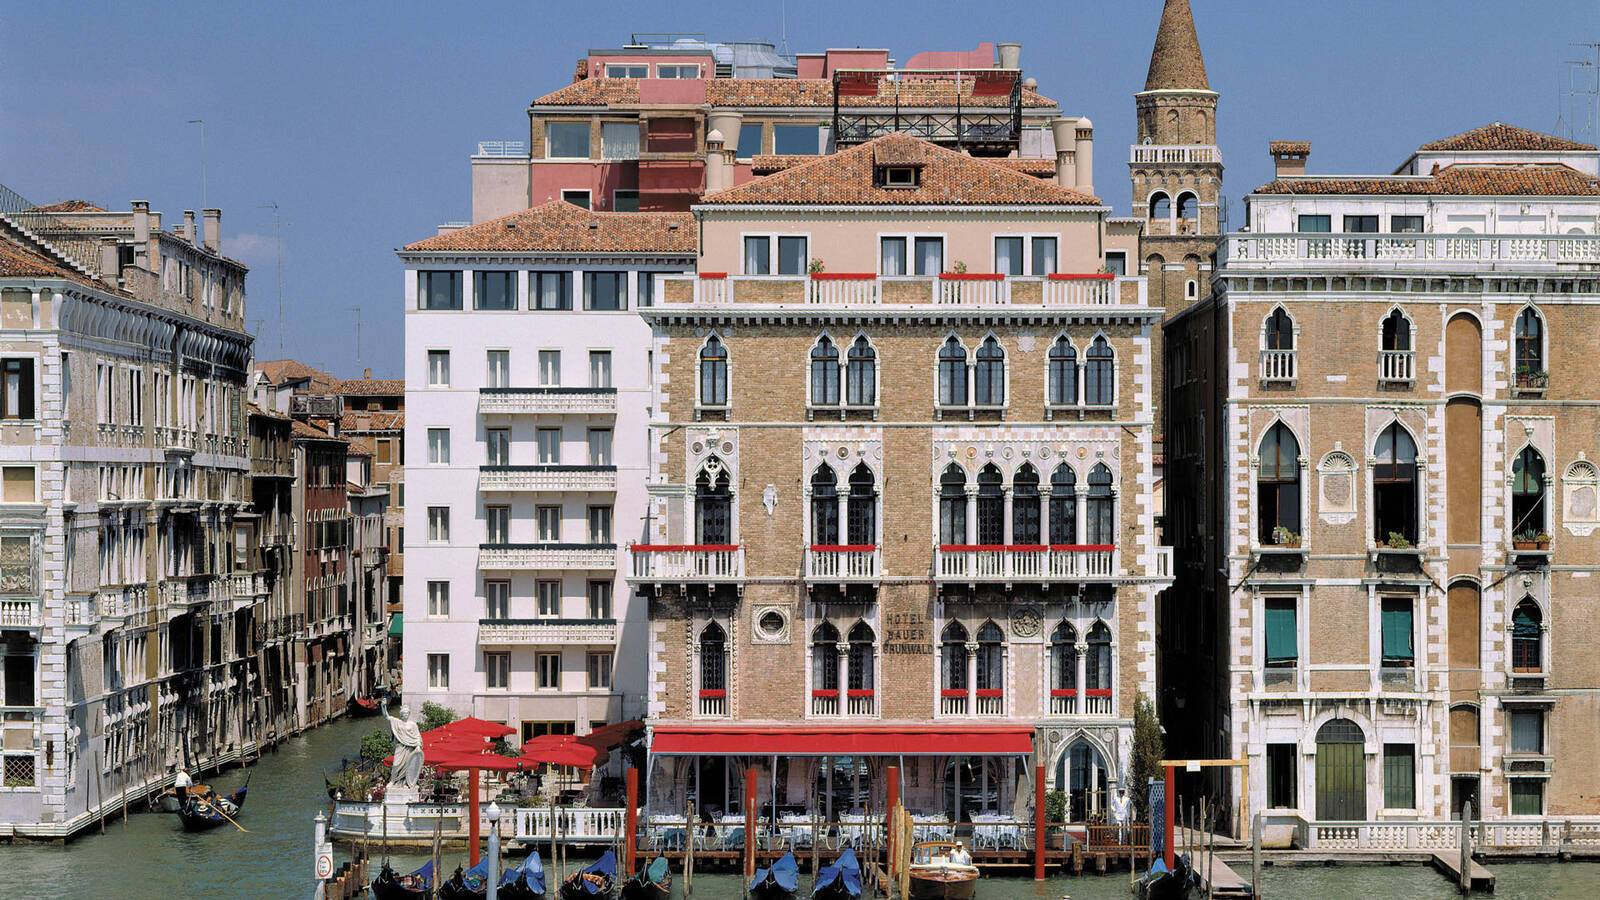 Bauer Palazzo Venise Facade